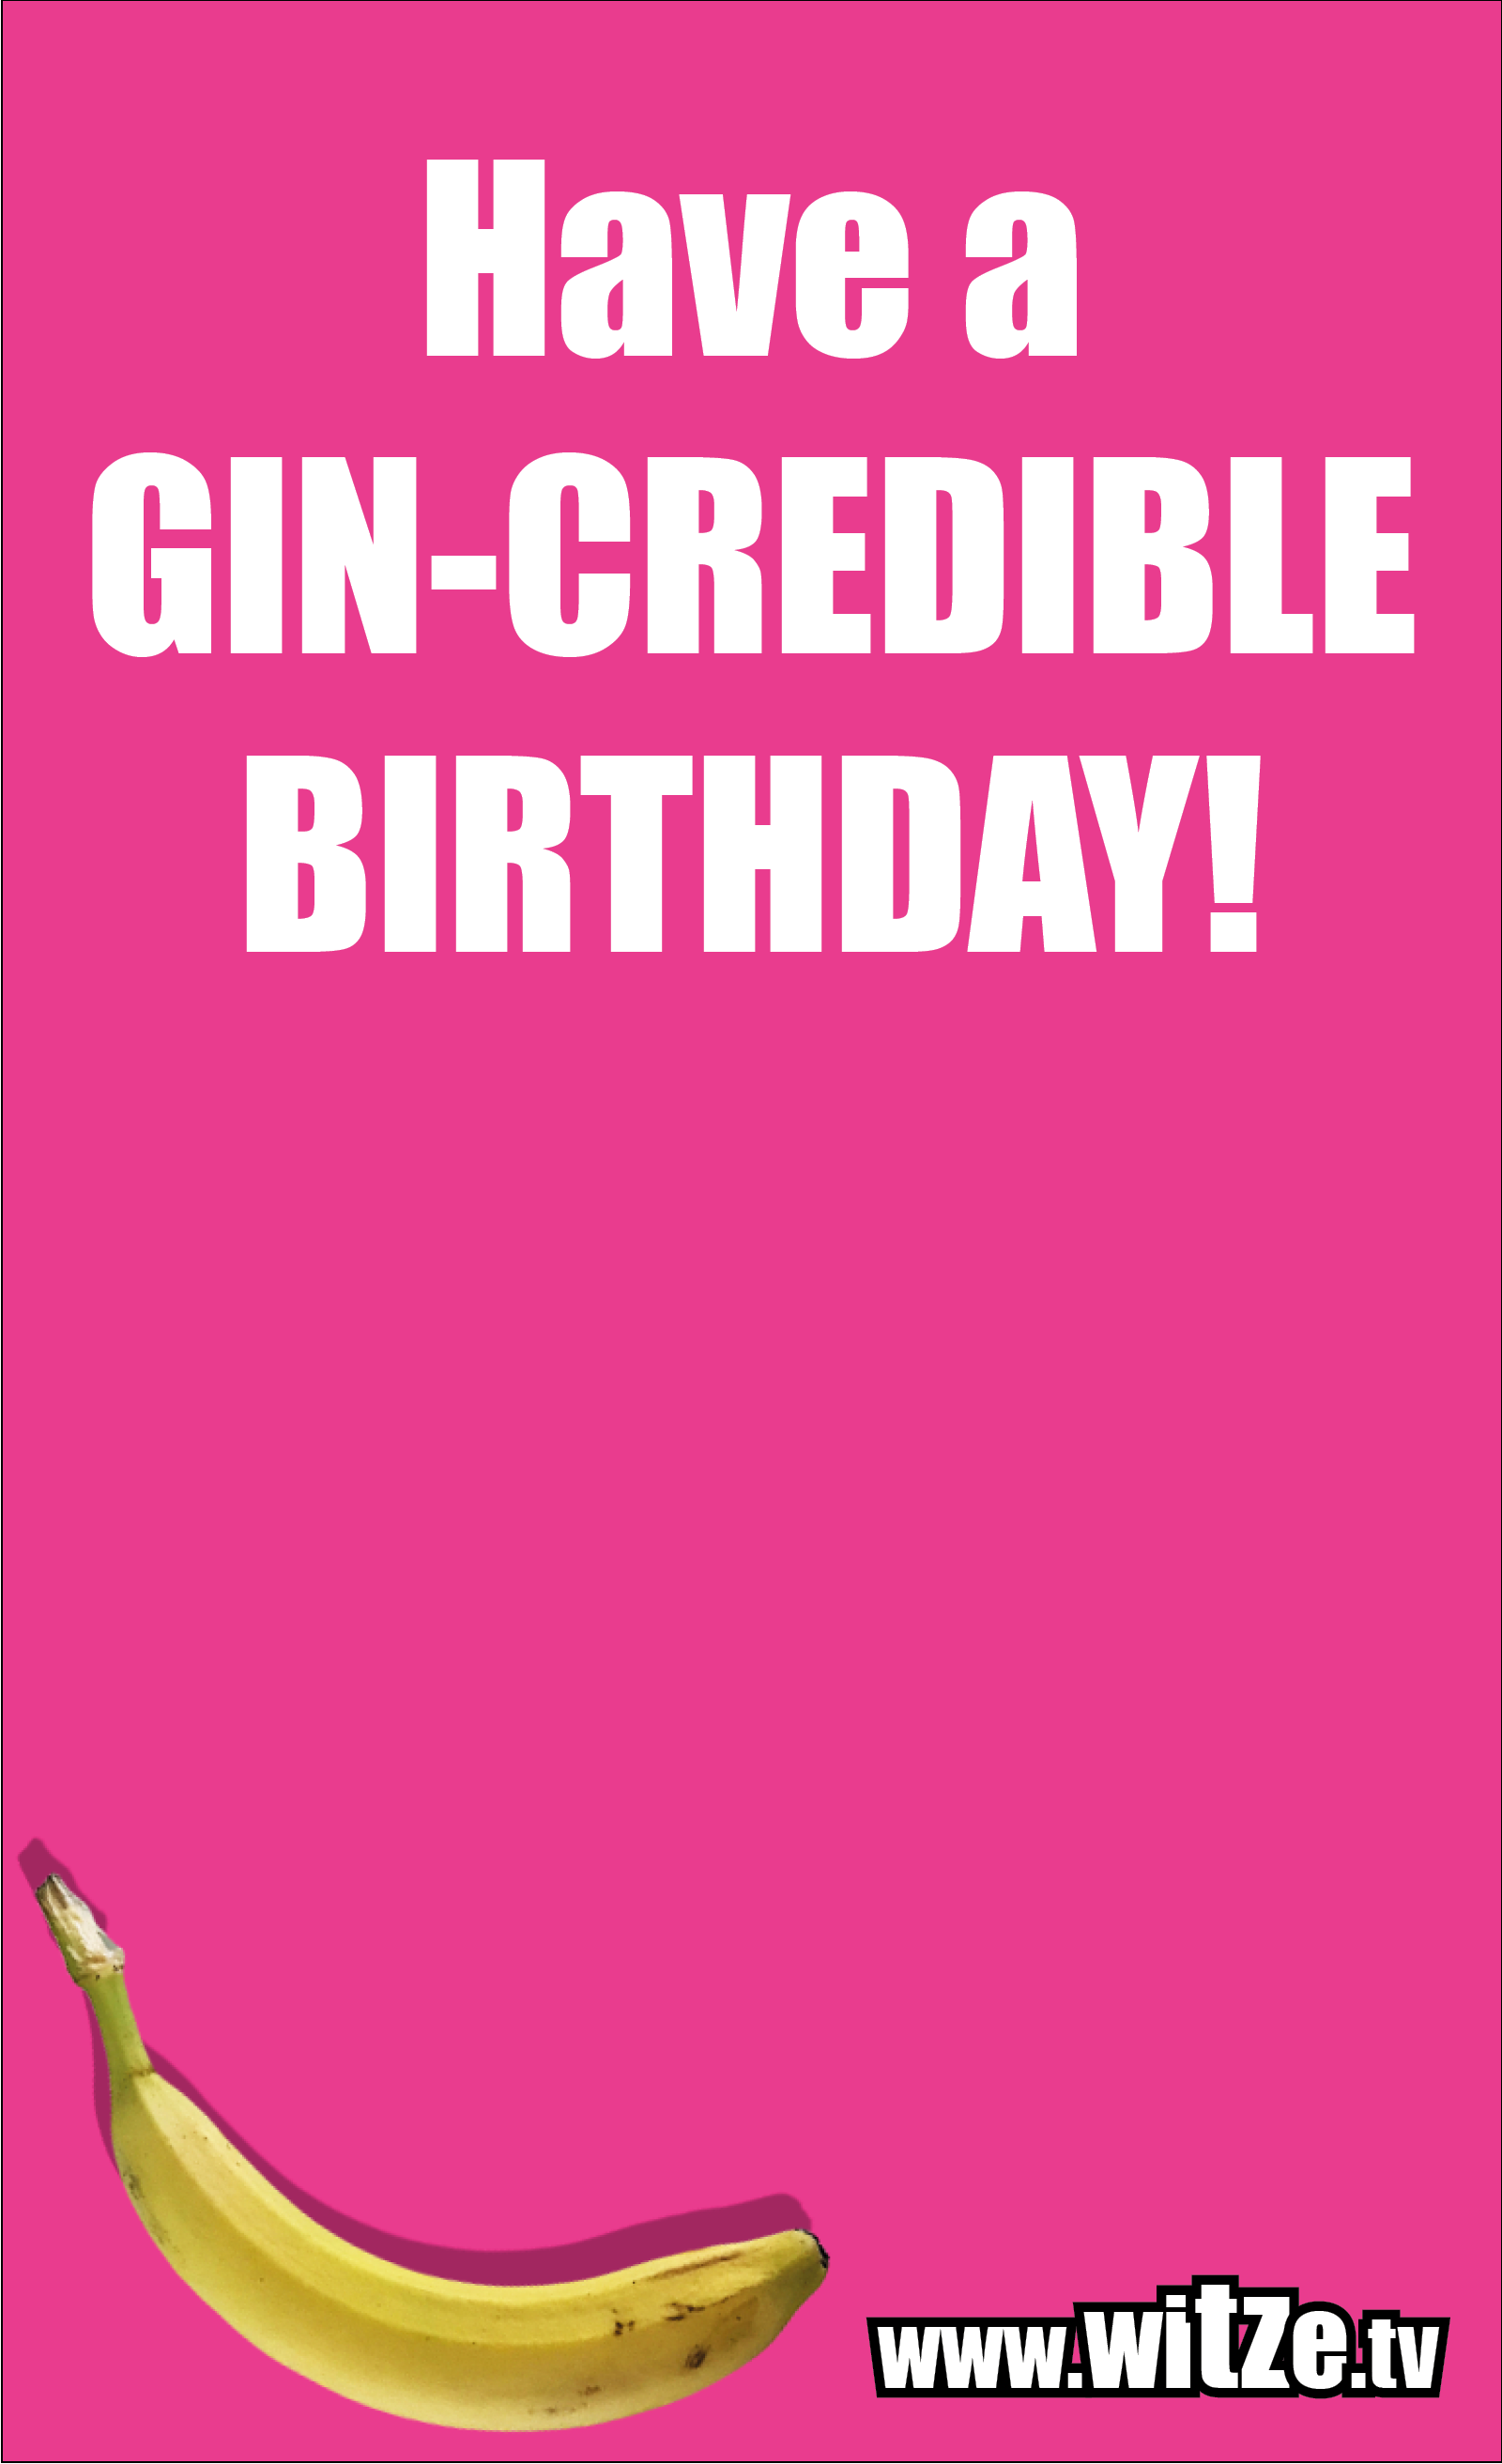 Lustige Geburtstagswünsche: Have a GIN-CREDIBLE BIRTHDAY!